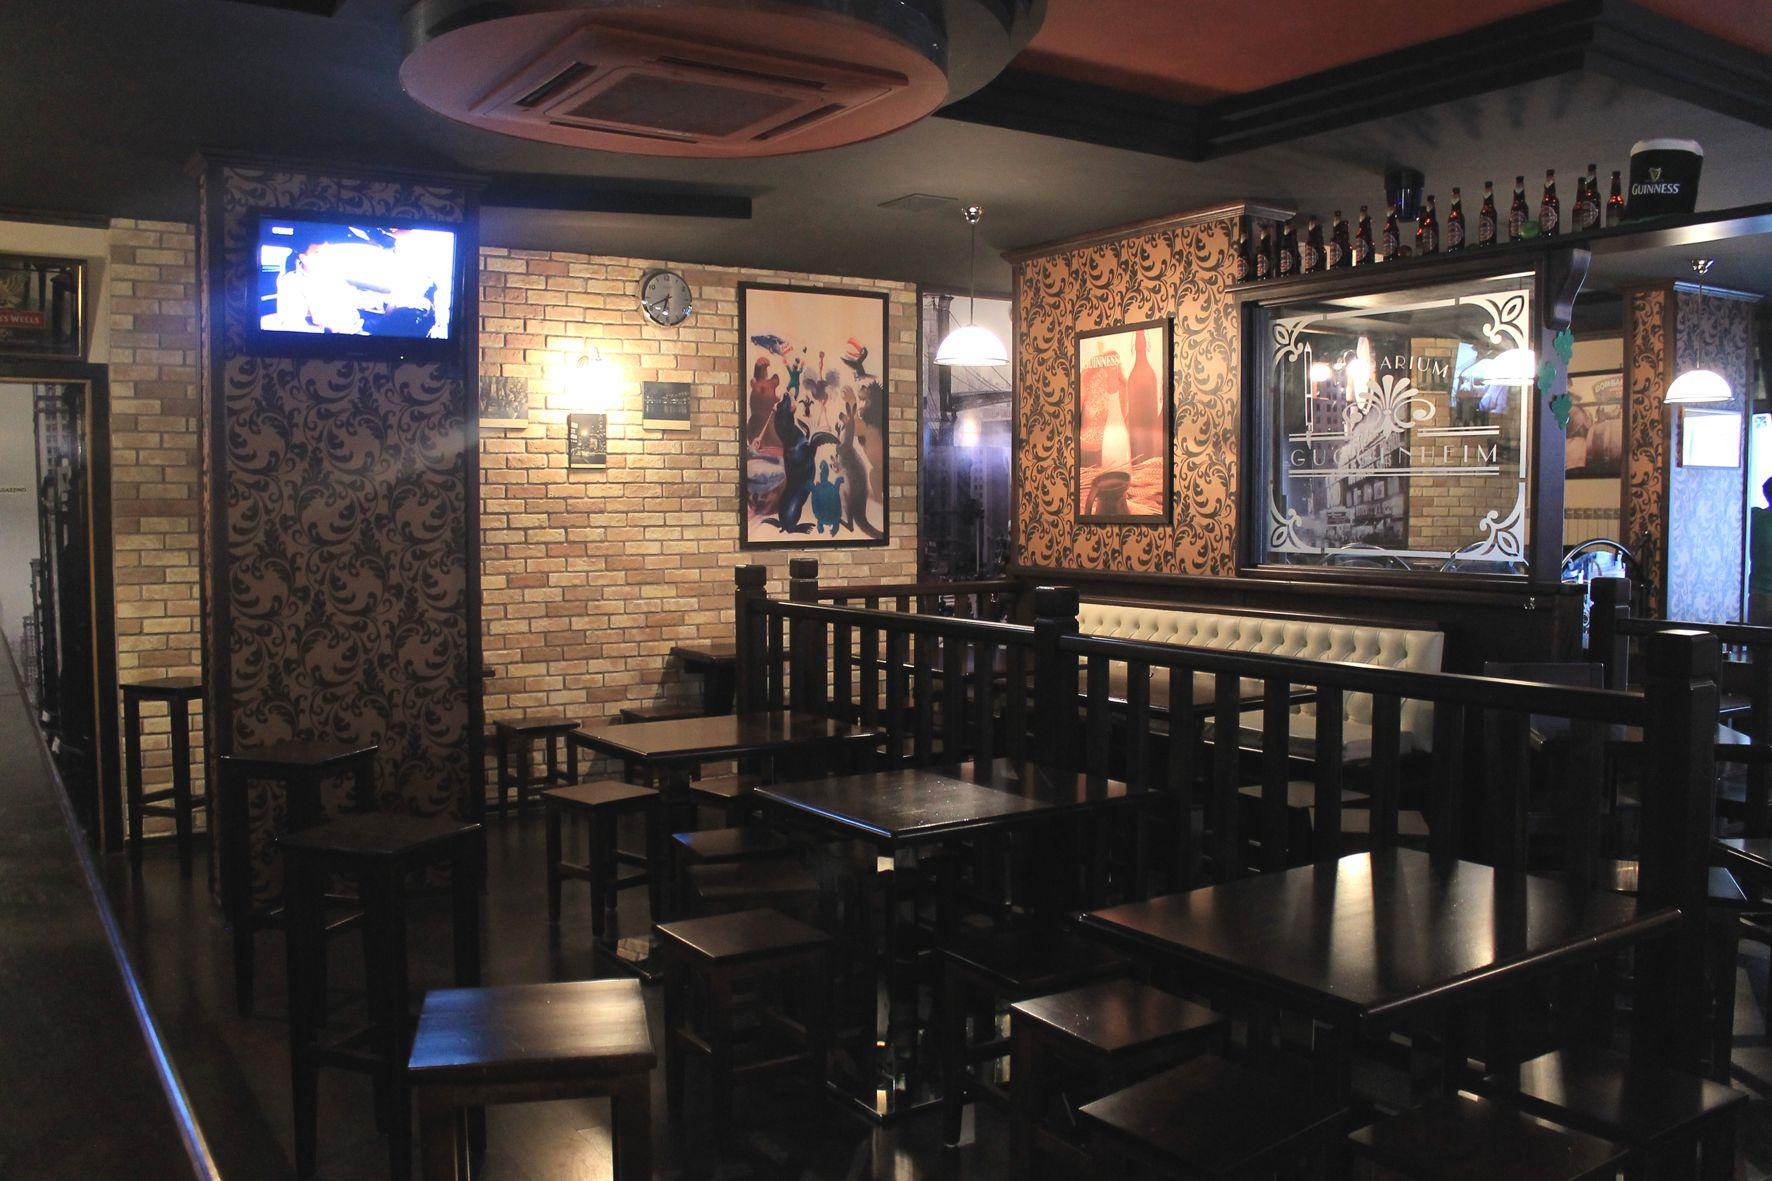 Pizzeria vintage archivi arredamento per pub realizzazione di locali in stile for Pub arredamento